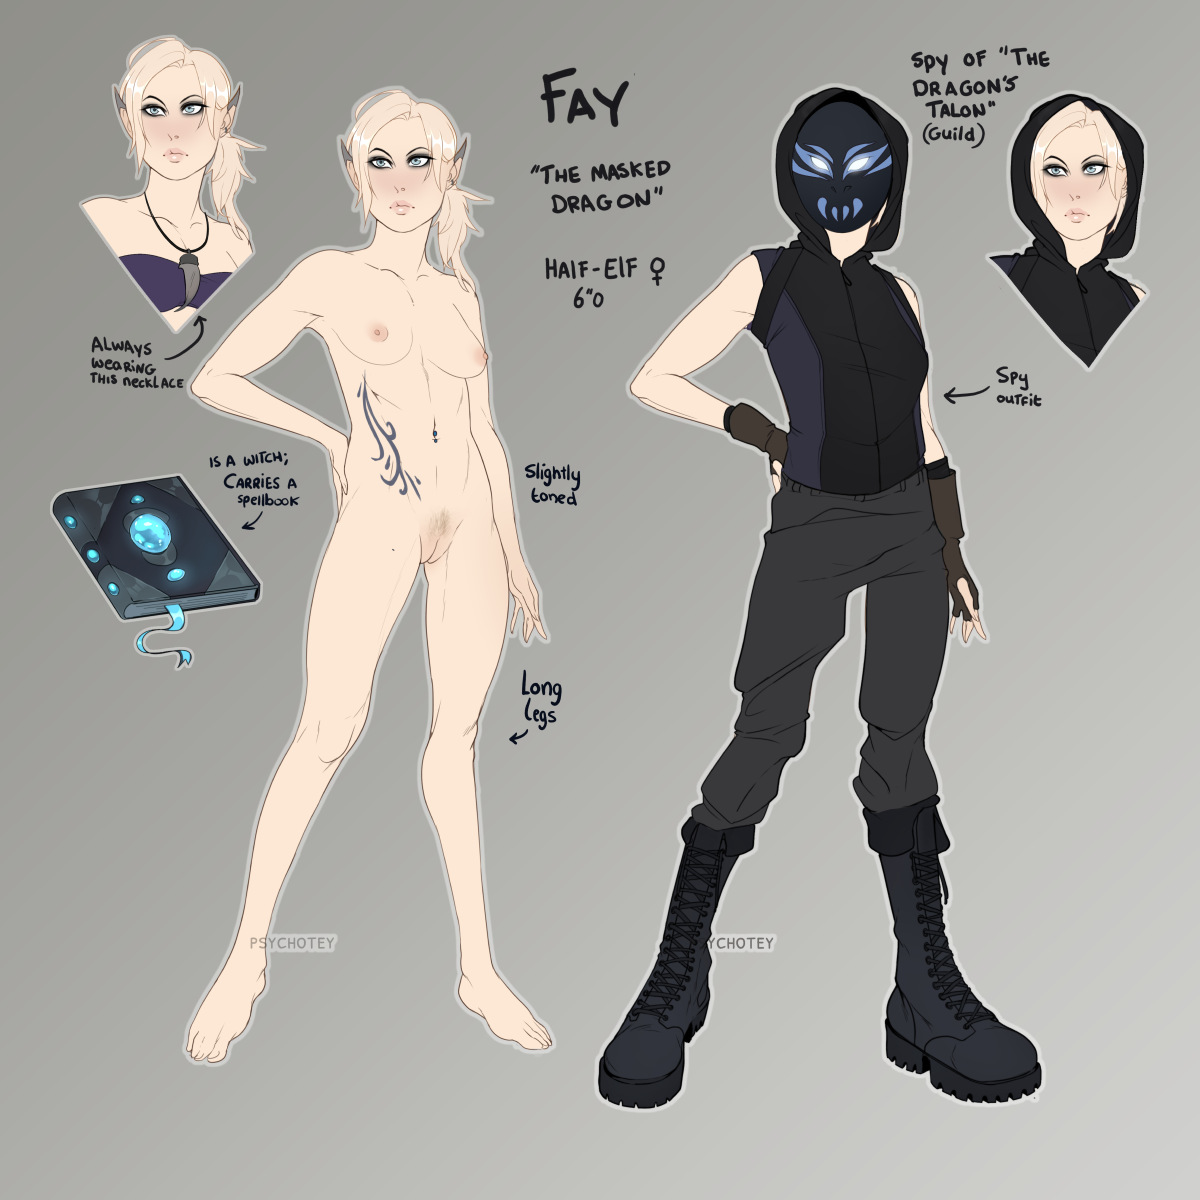 Fay character sheet